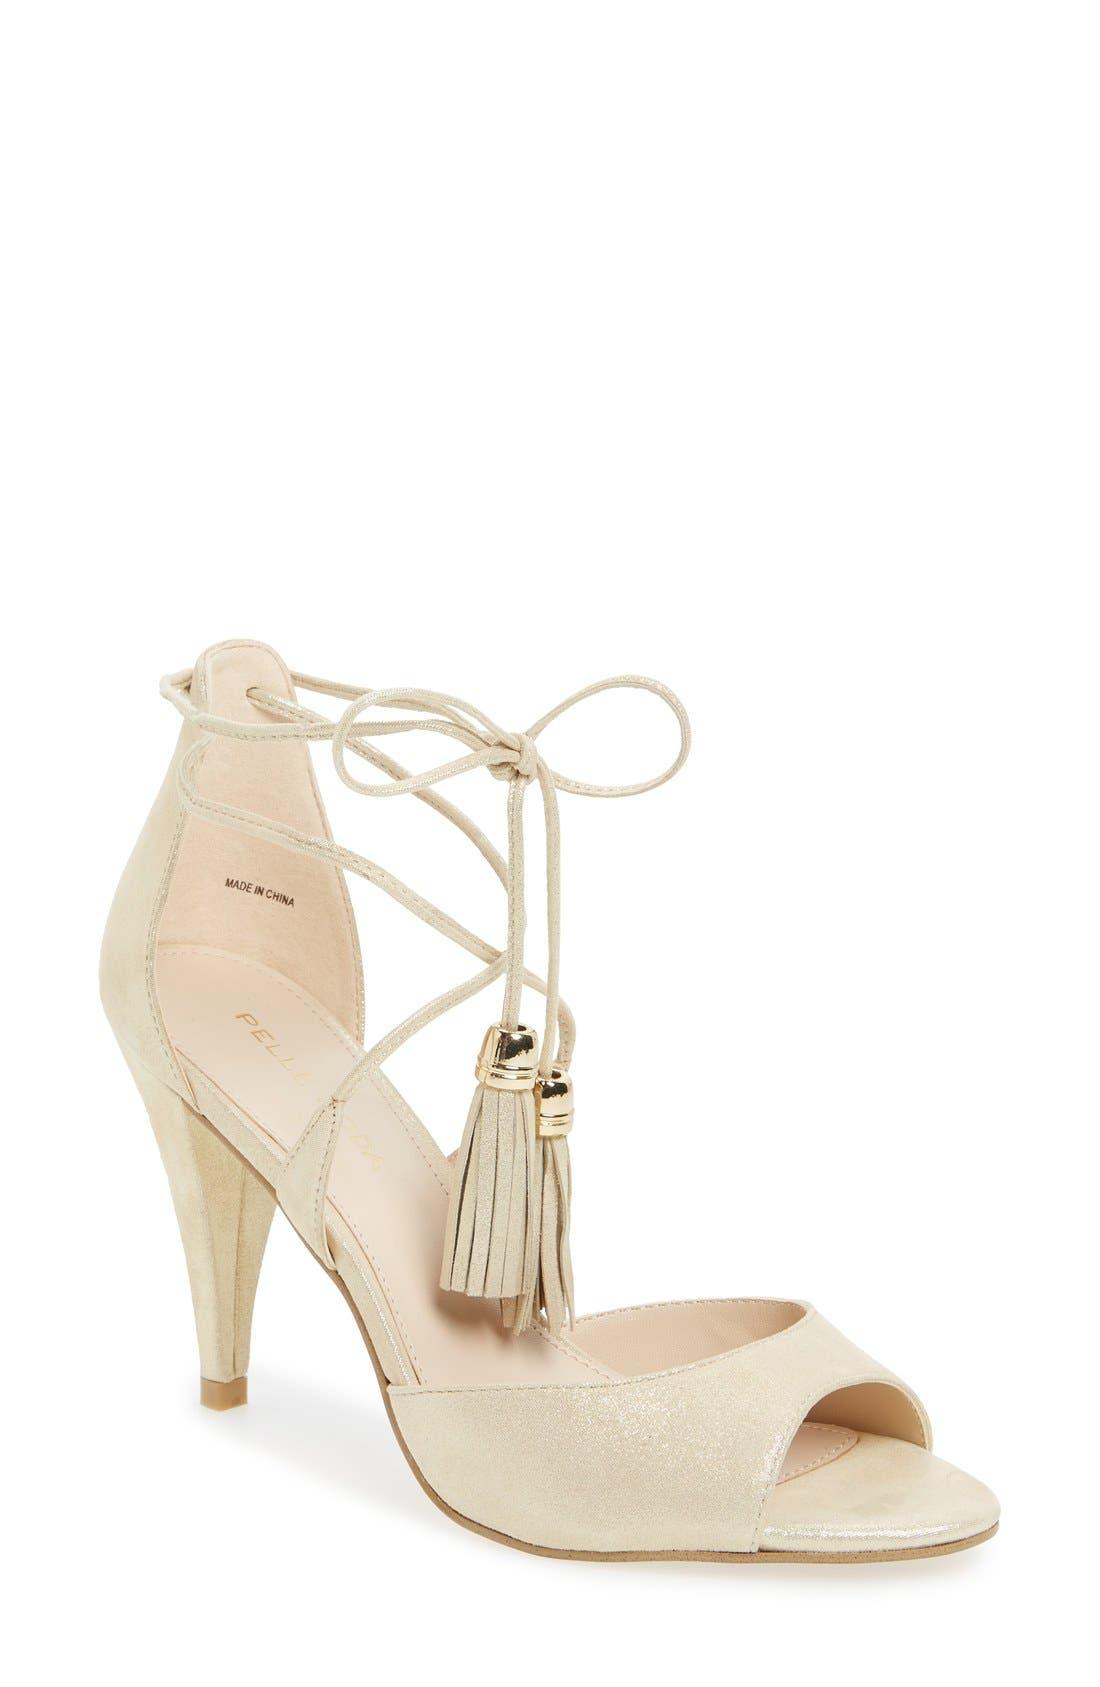 Alternate Image 1 Selected - Pelle Moda 'Ruel' Tasseled Sandal (Women)